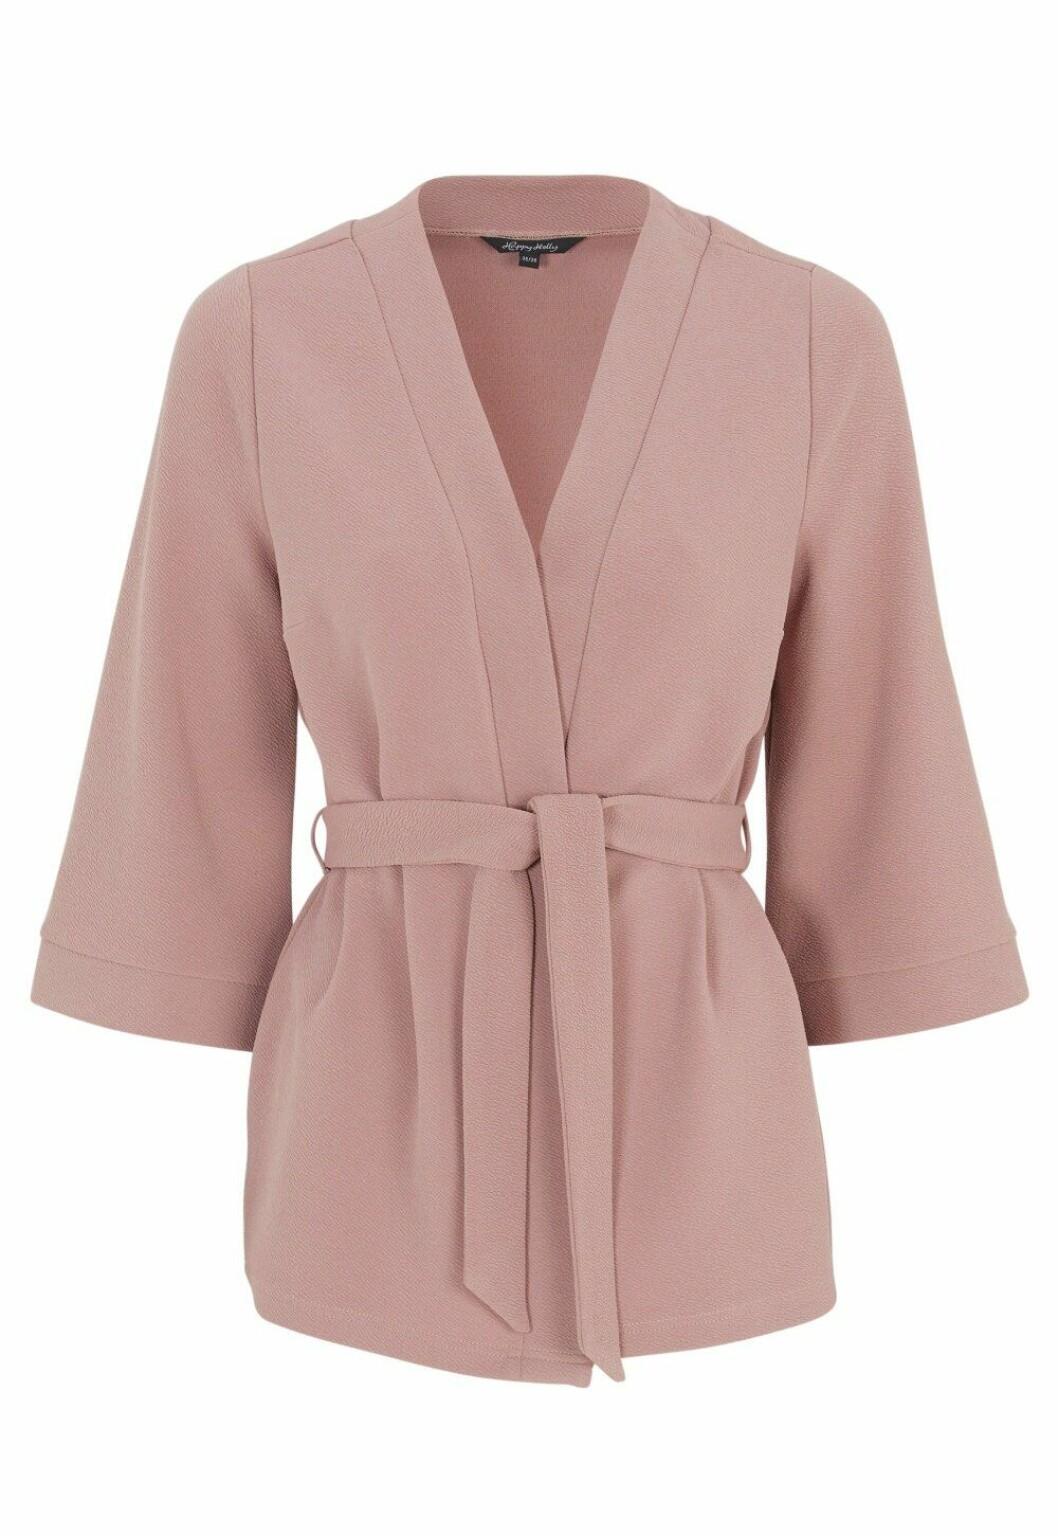 Matchande set: Puderrosa kimono för dam